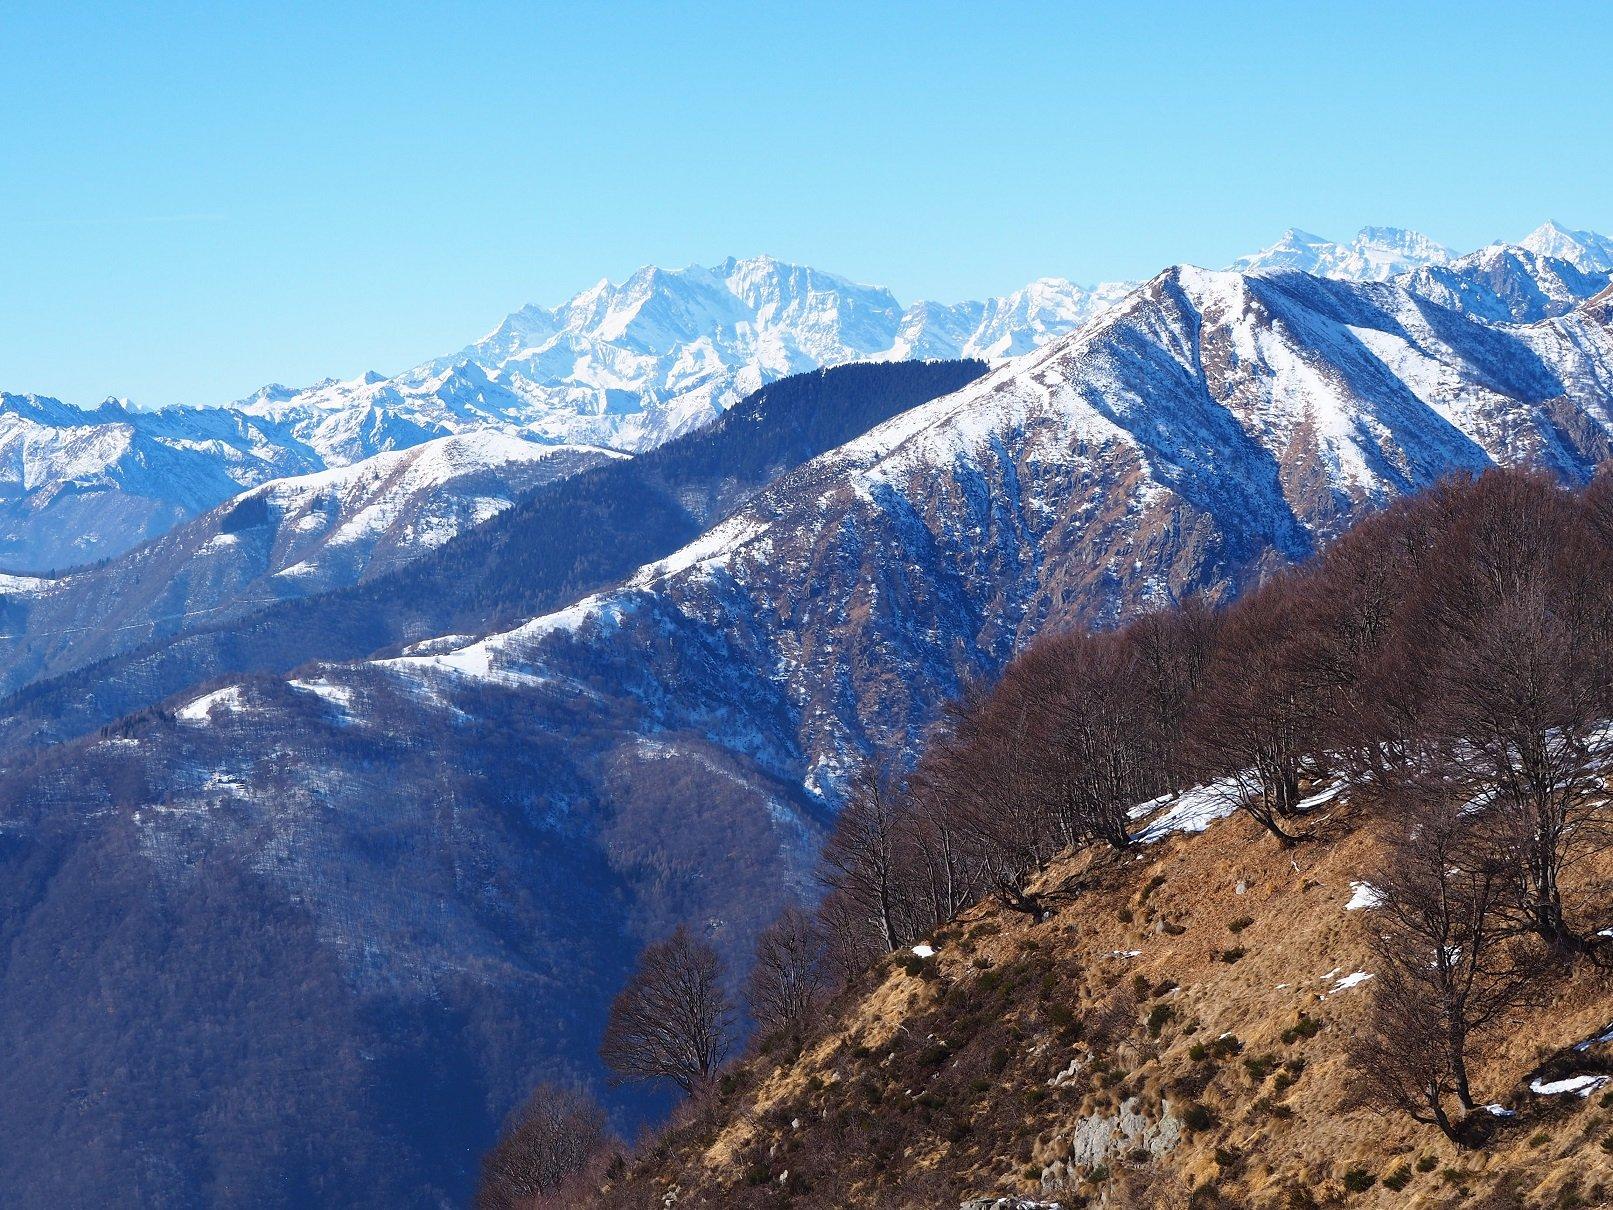 Dallo stesso punto panorama verso il Monte Rosa.